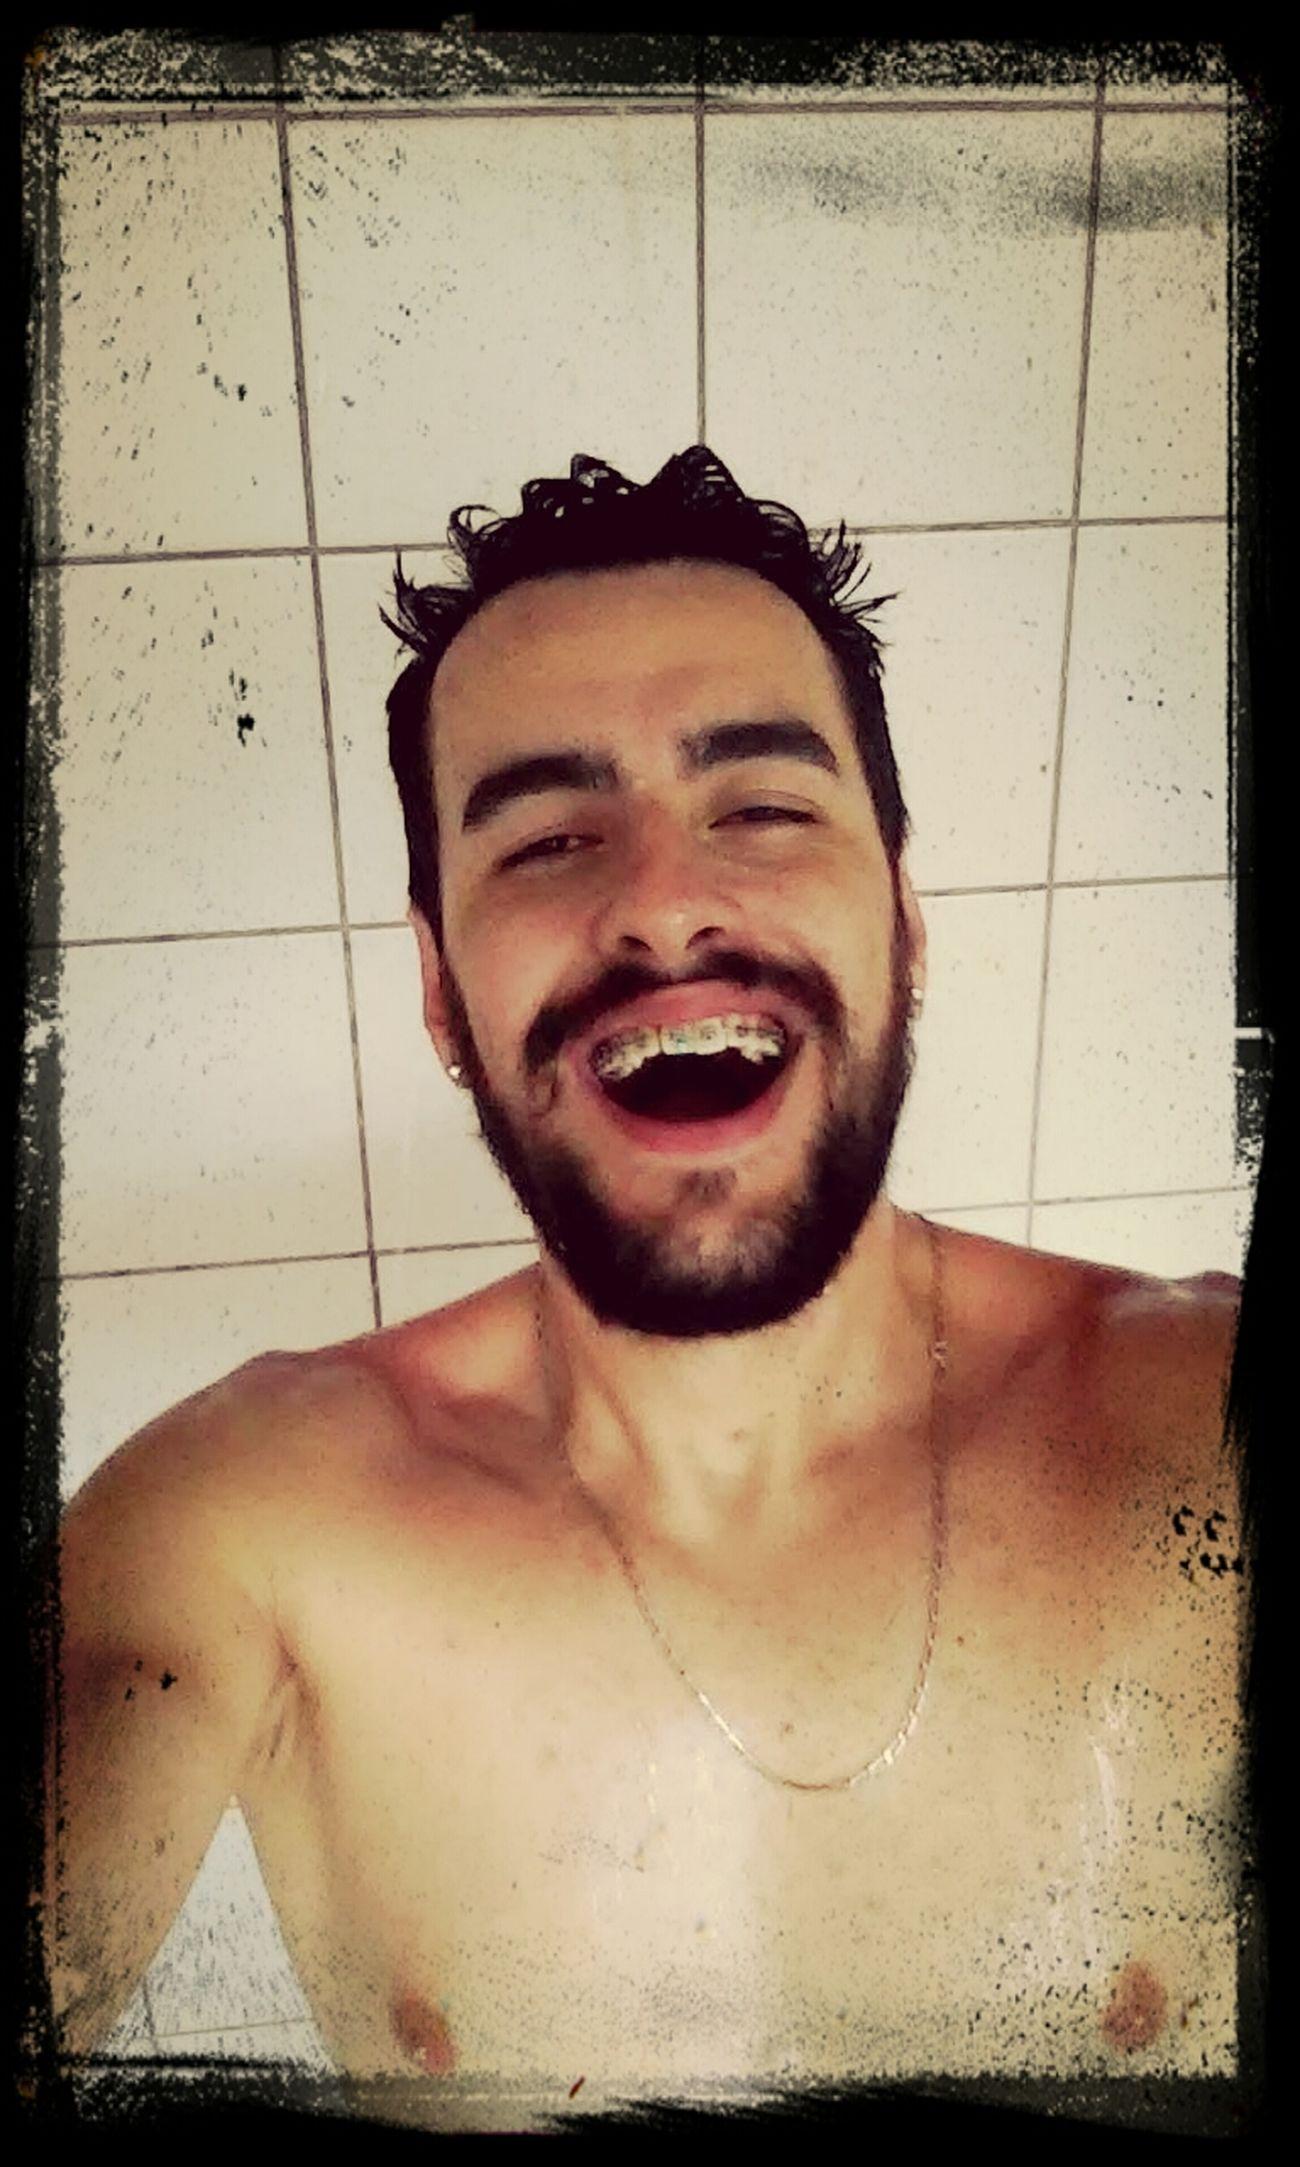 A cara de felicidade do gurizinho refrescando.kkk Unisc Bloco42 Relaxing Banho